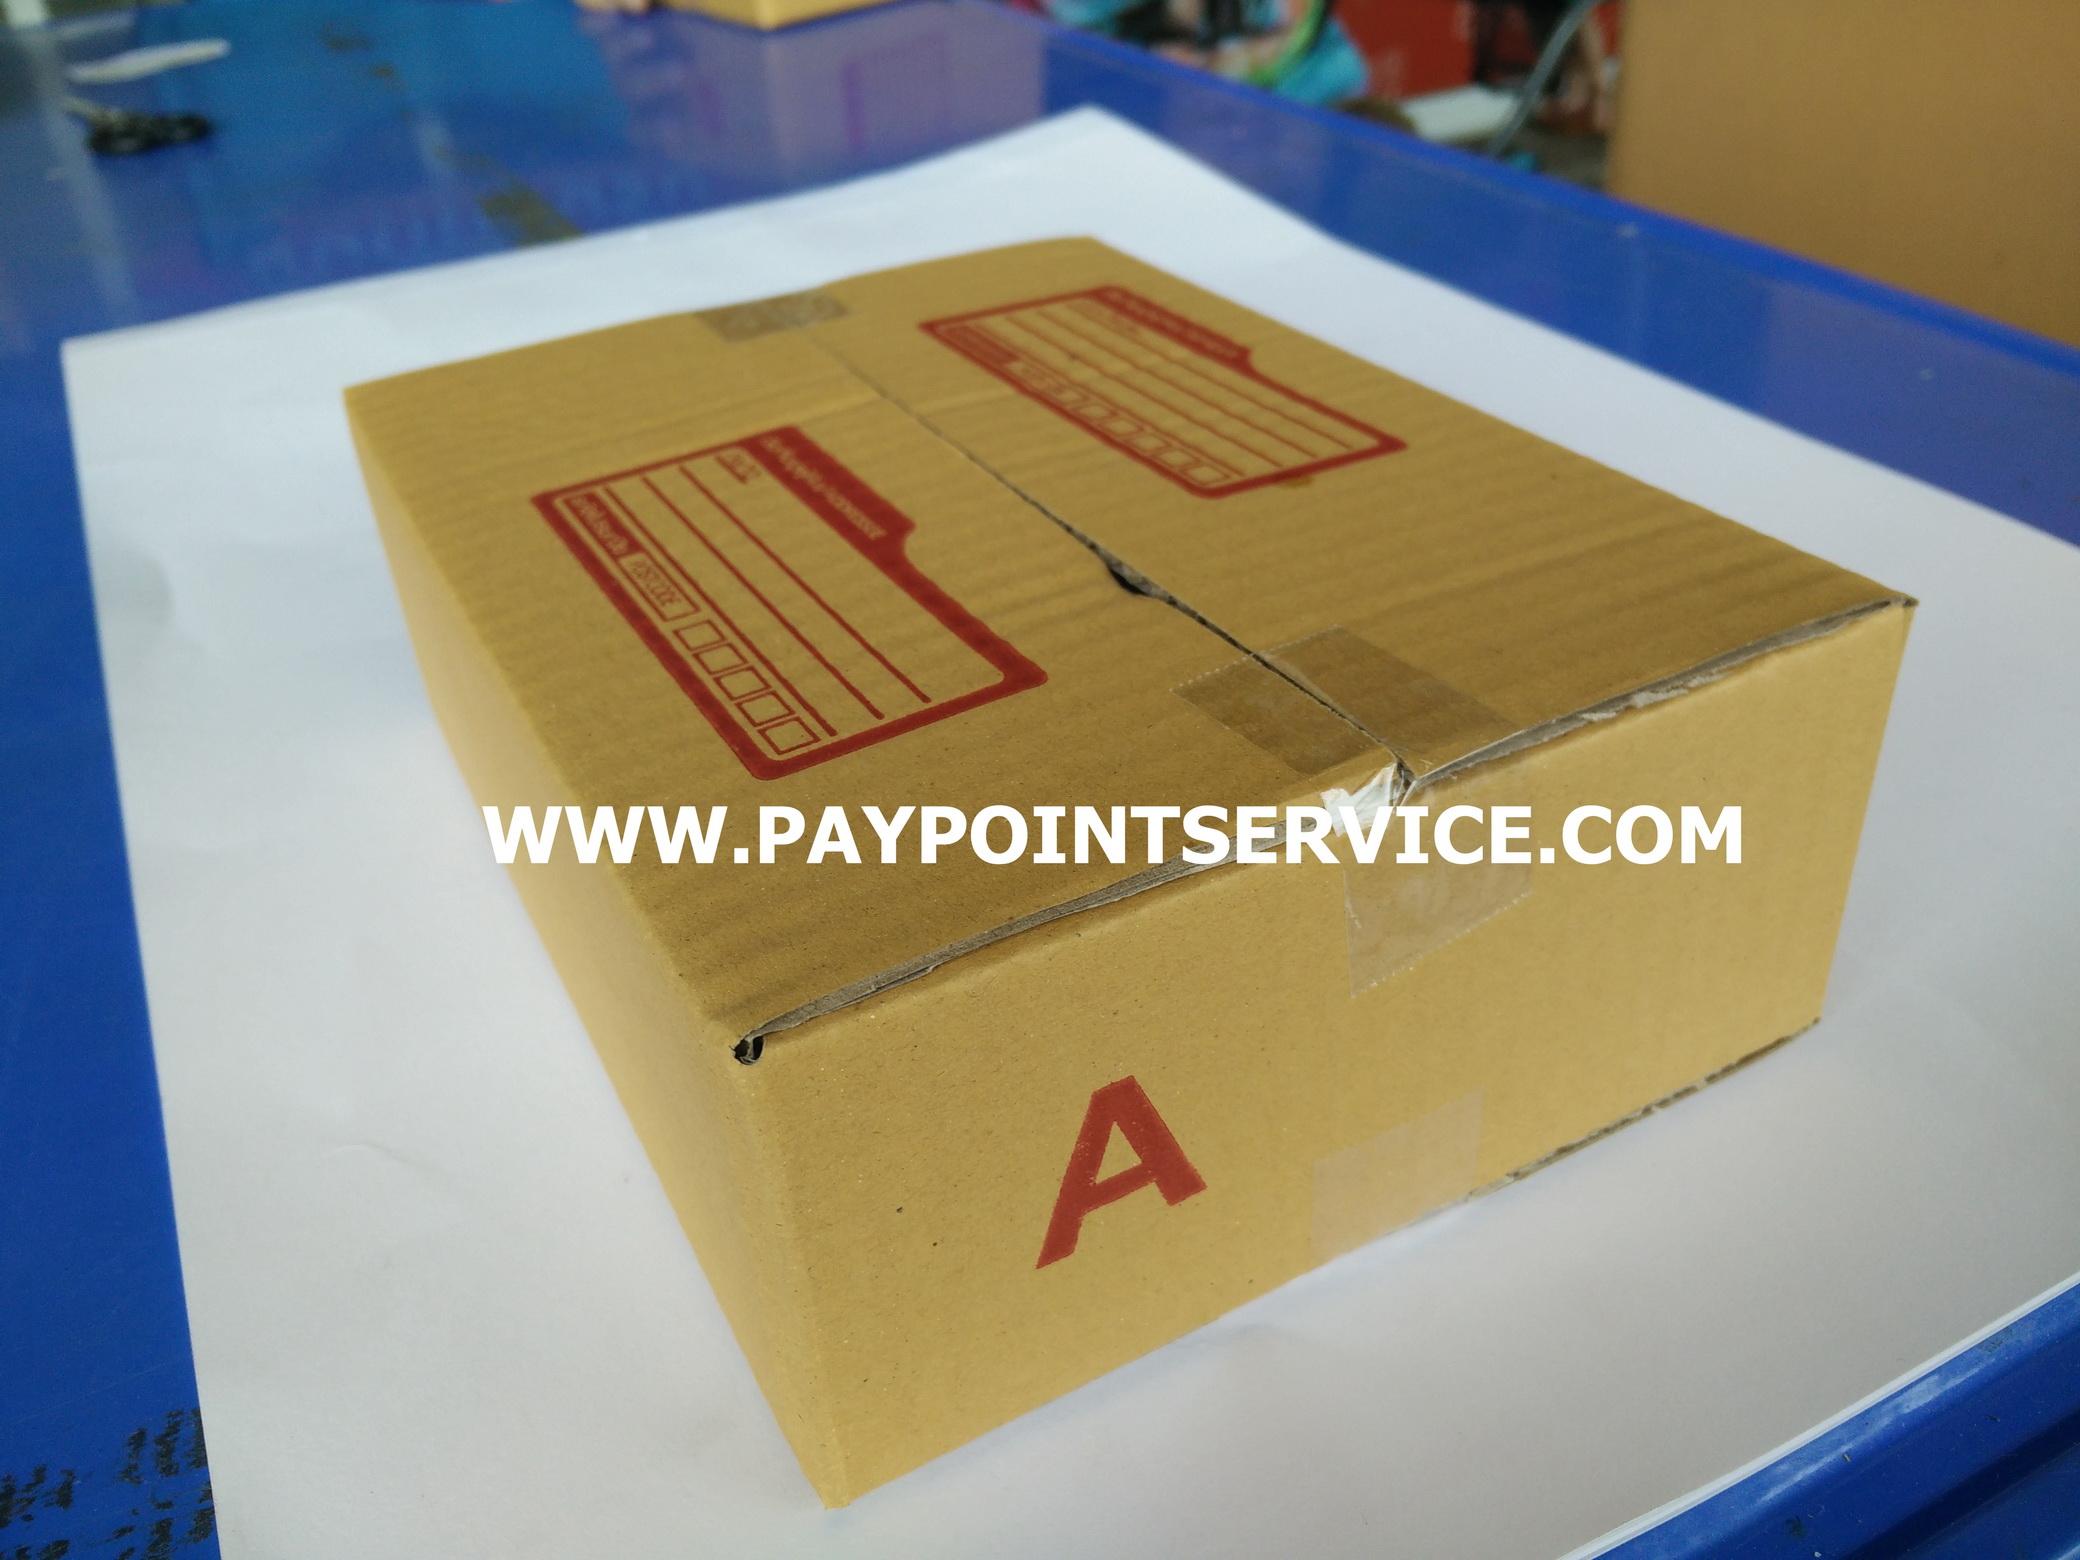 กล่องไปรษณีย์ ก / A (กว้าง 14 ยาว 20 สูง 6 เซน)